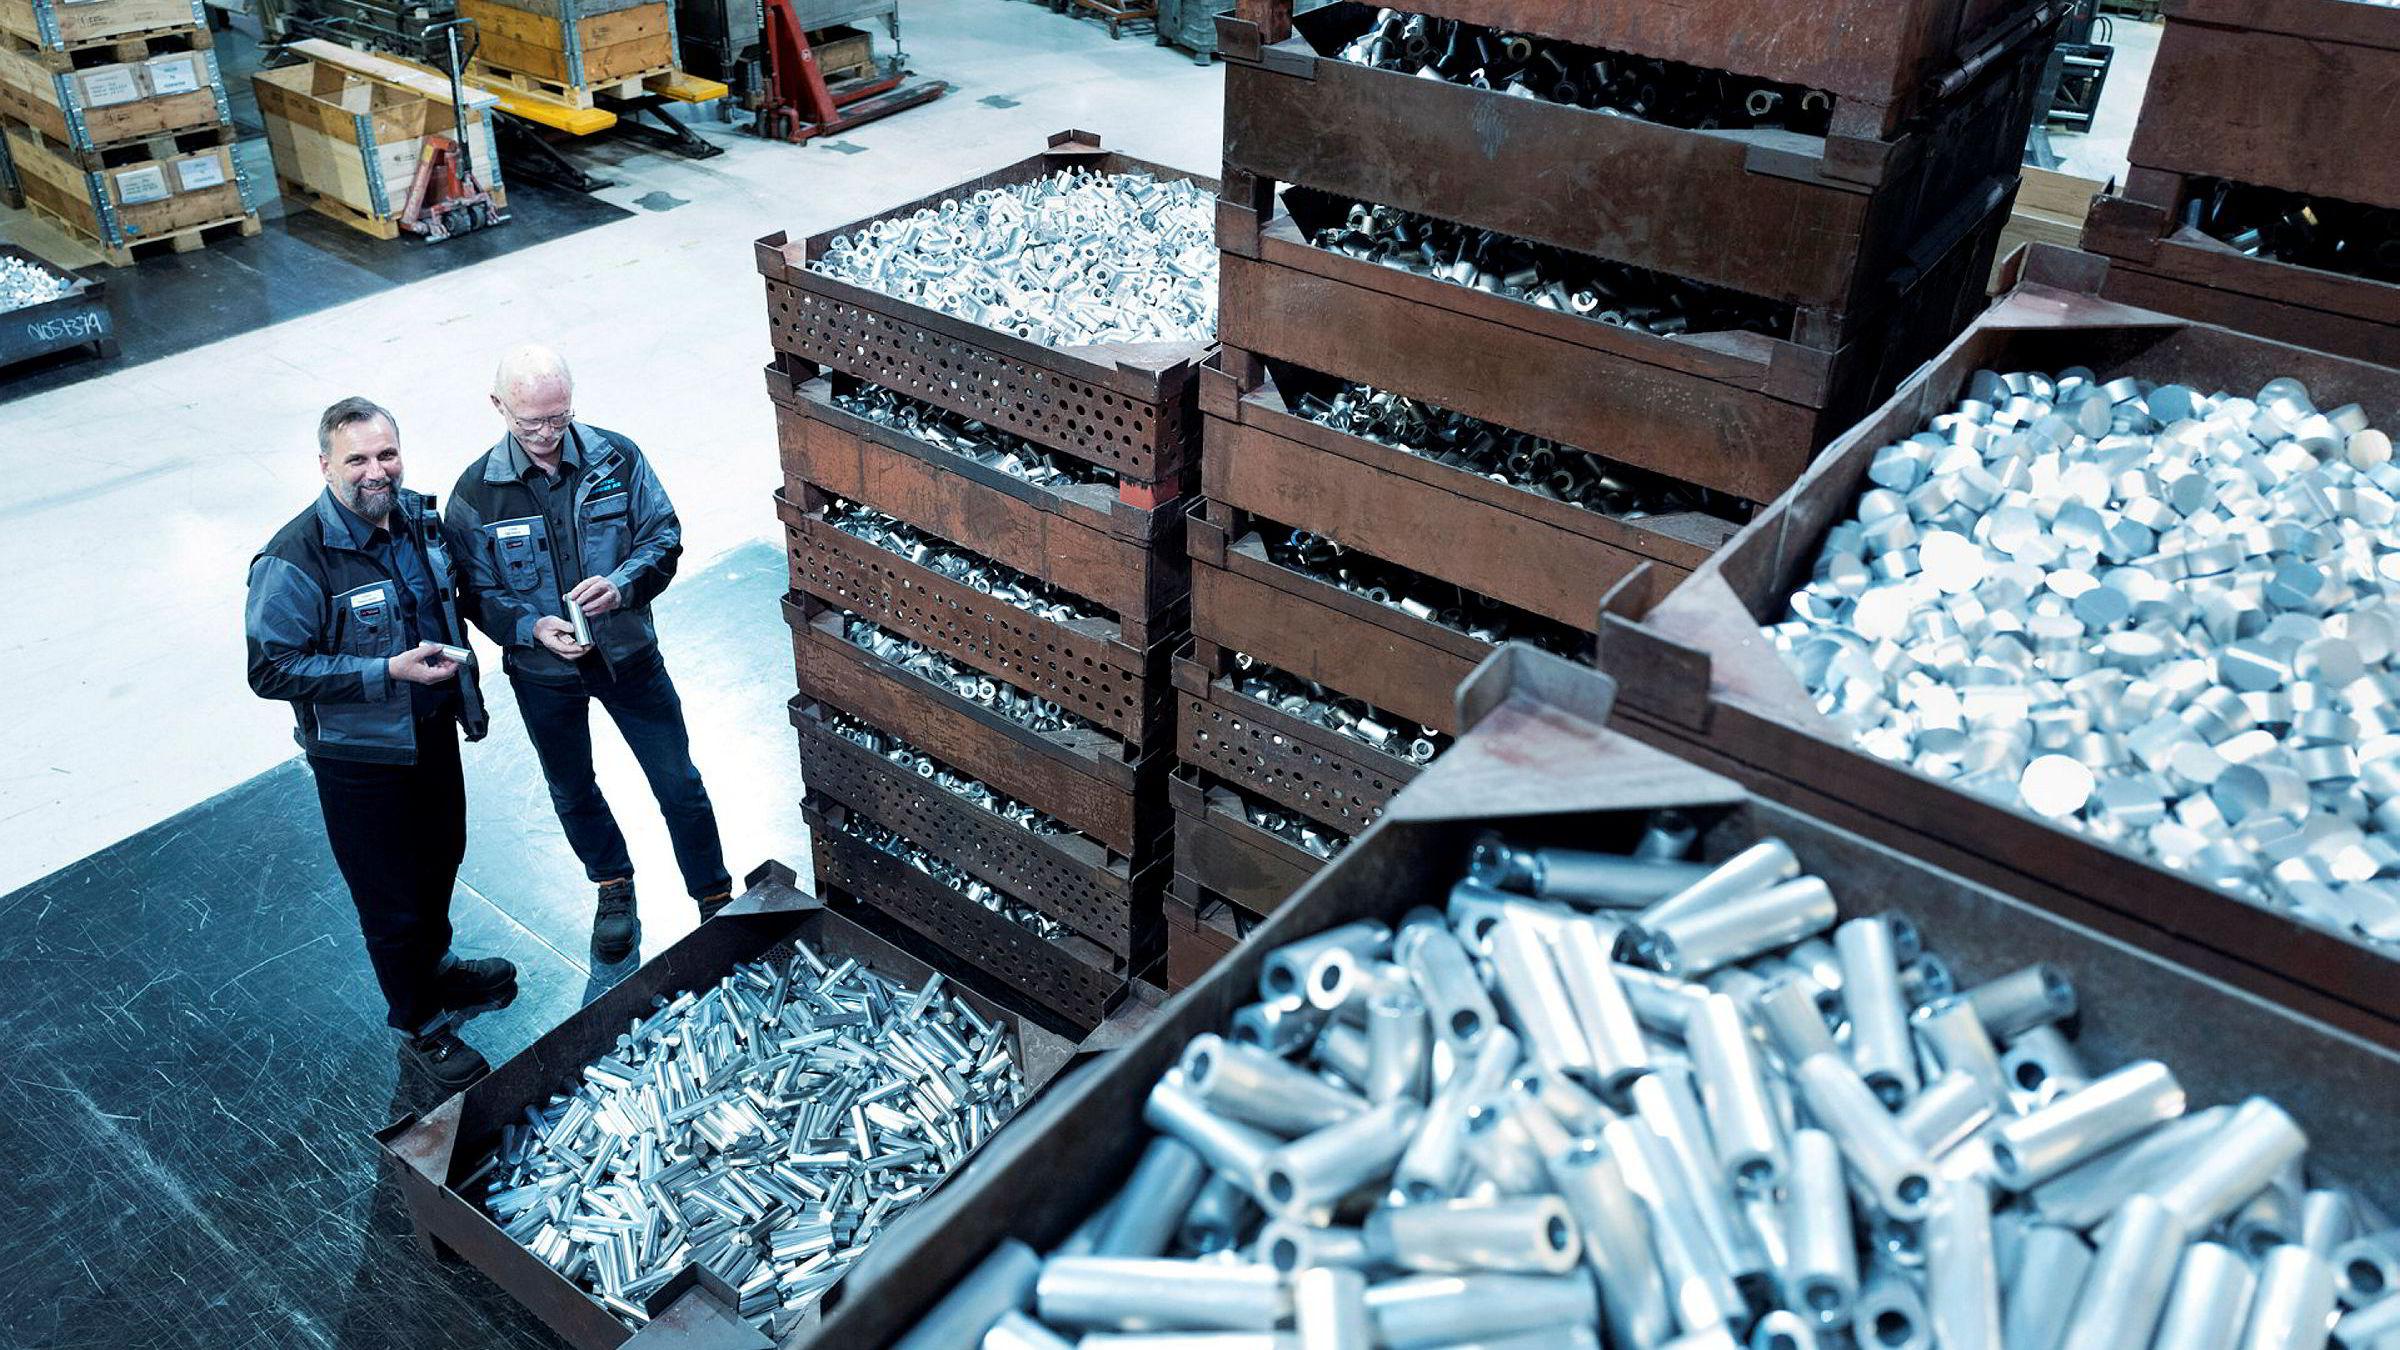 – I fjor bygget vi fabrikken ut til dobbel størrelse. Vi har investert over 130 millioner i nye lokaler og utstyr på Raufoss siden 2010, sier fabrikksjef Thomas Häfner i Steertec på Raufoss til høyre. Til høyre produksjonssjef Inge Opheim i Steertec.